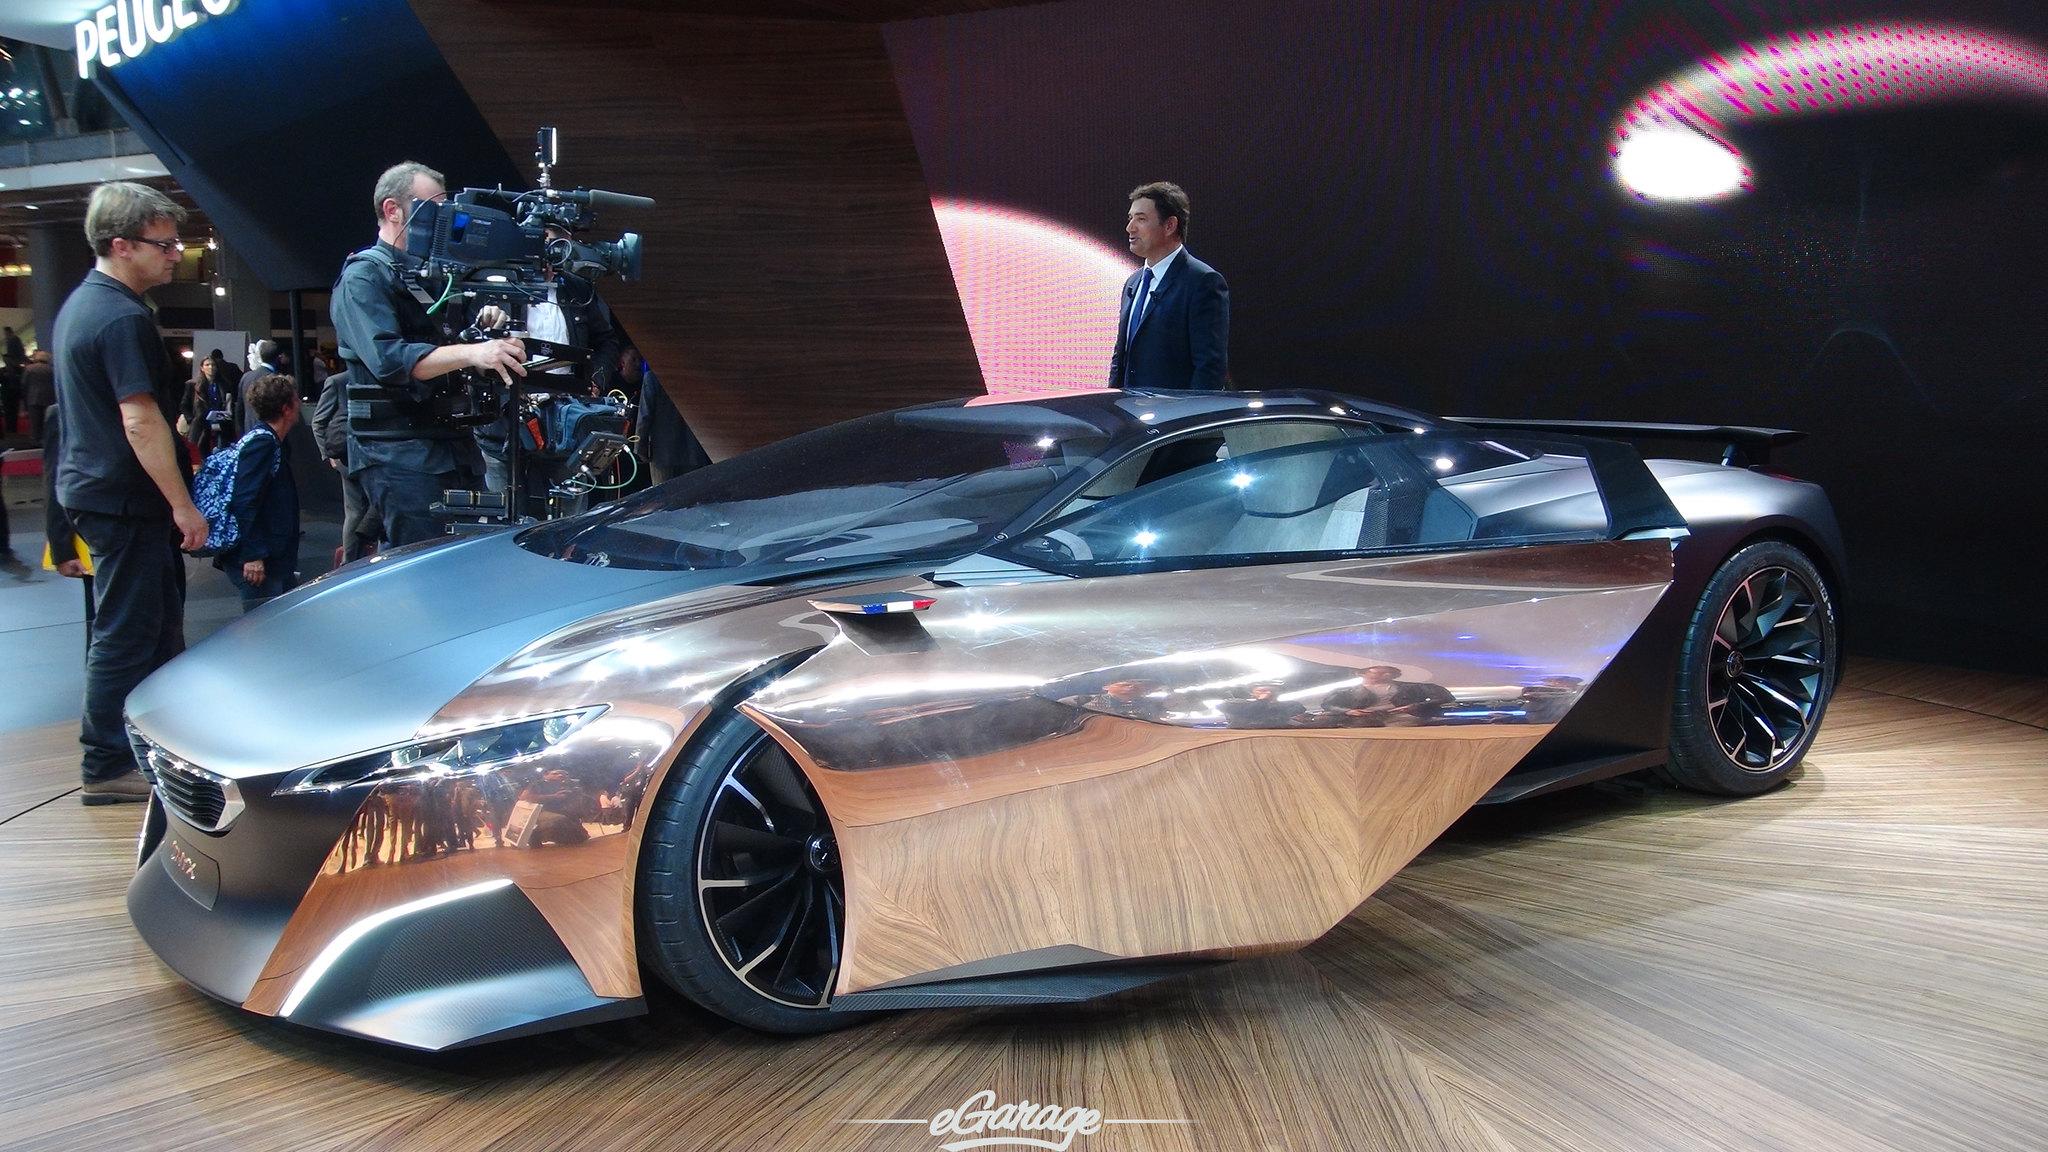 8034739816 df4182c085 k 2012 Paris Motor Show